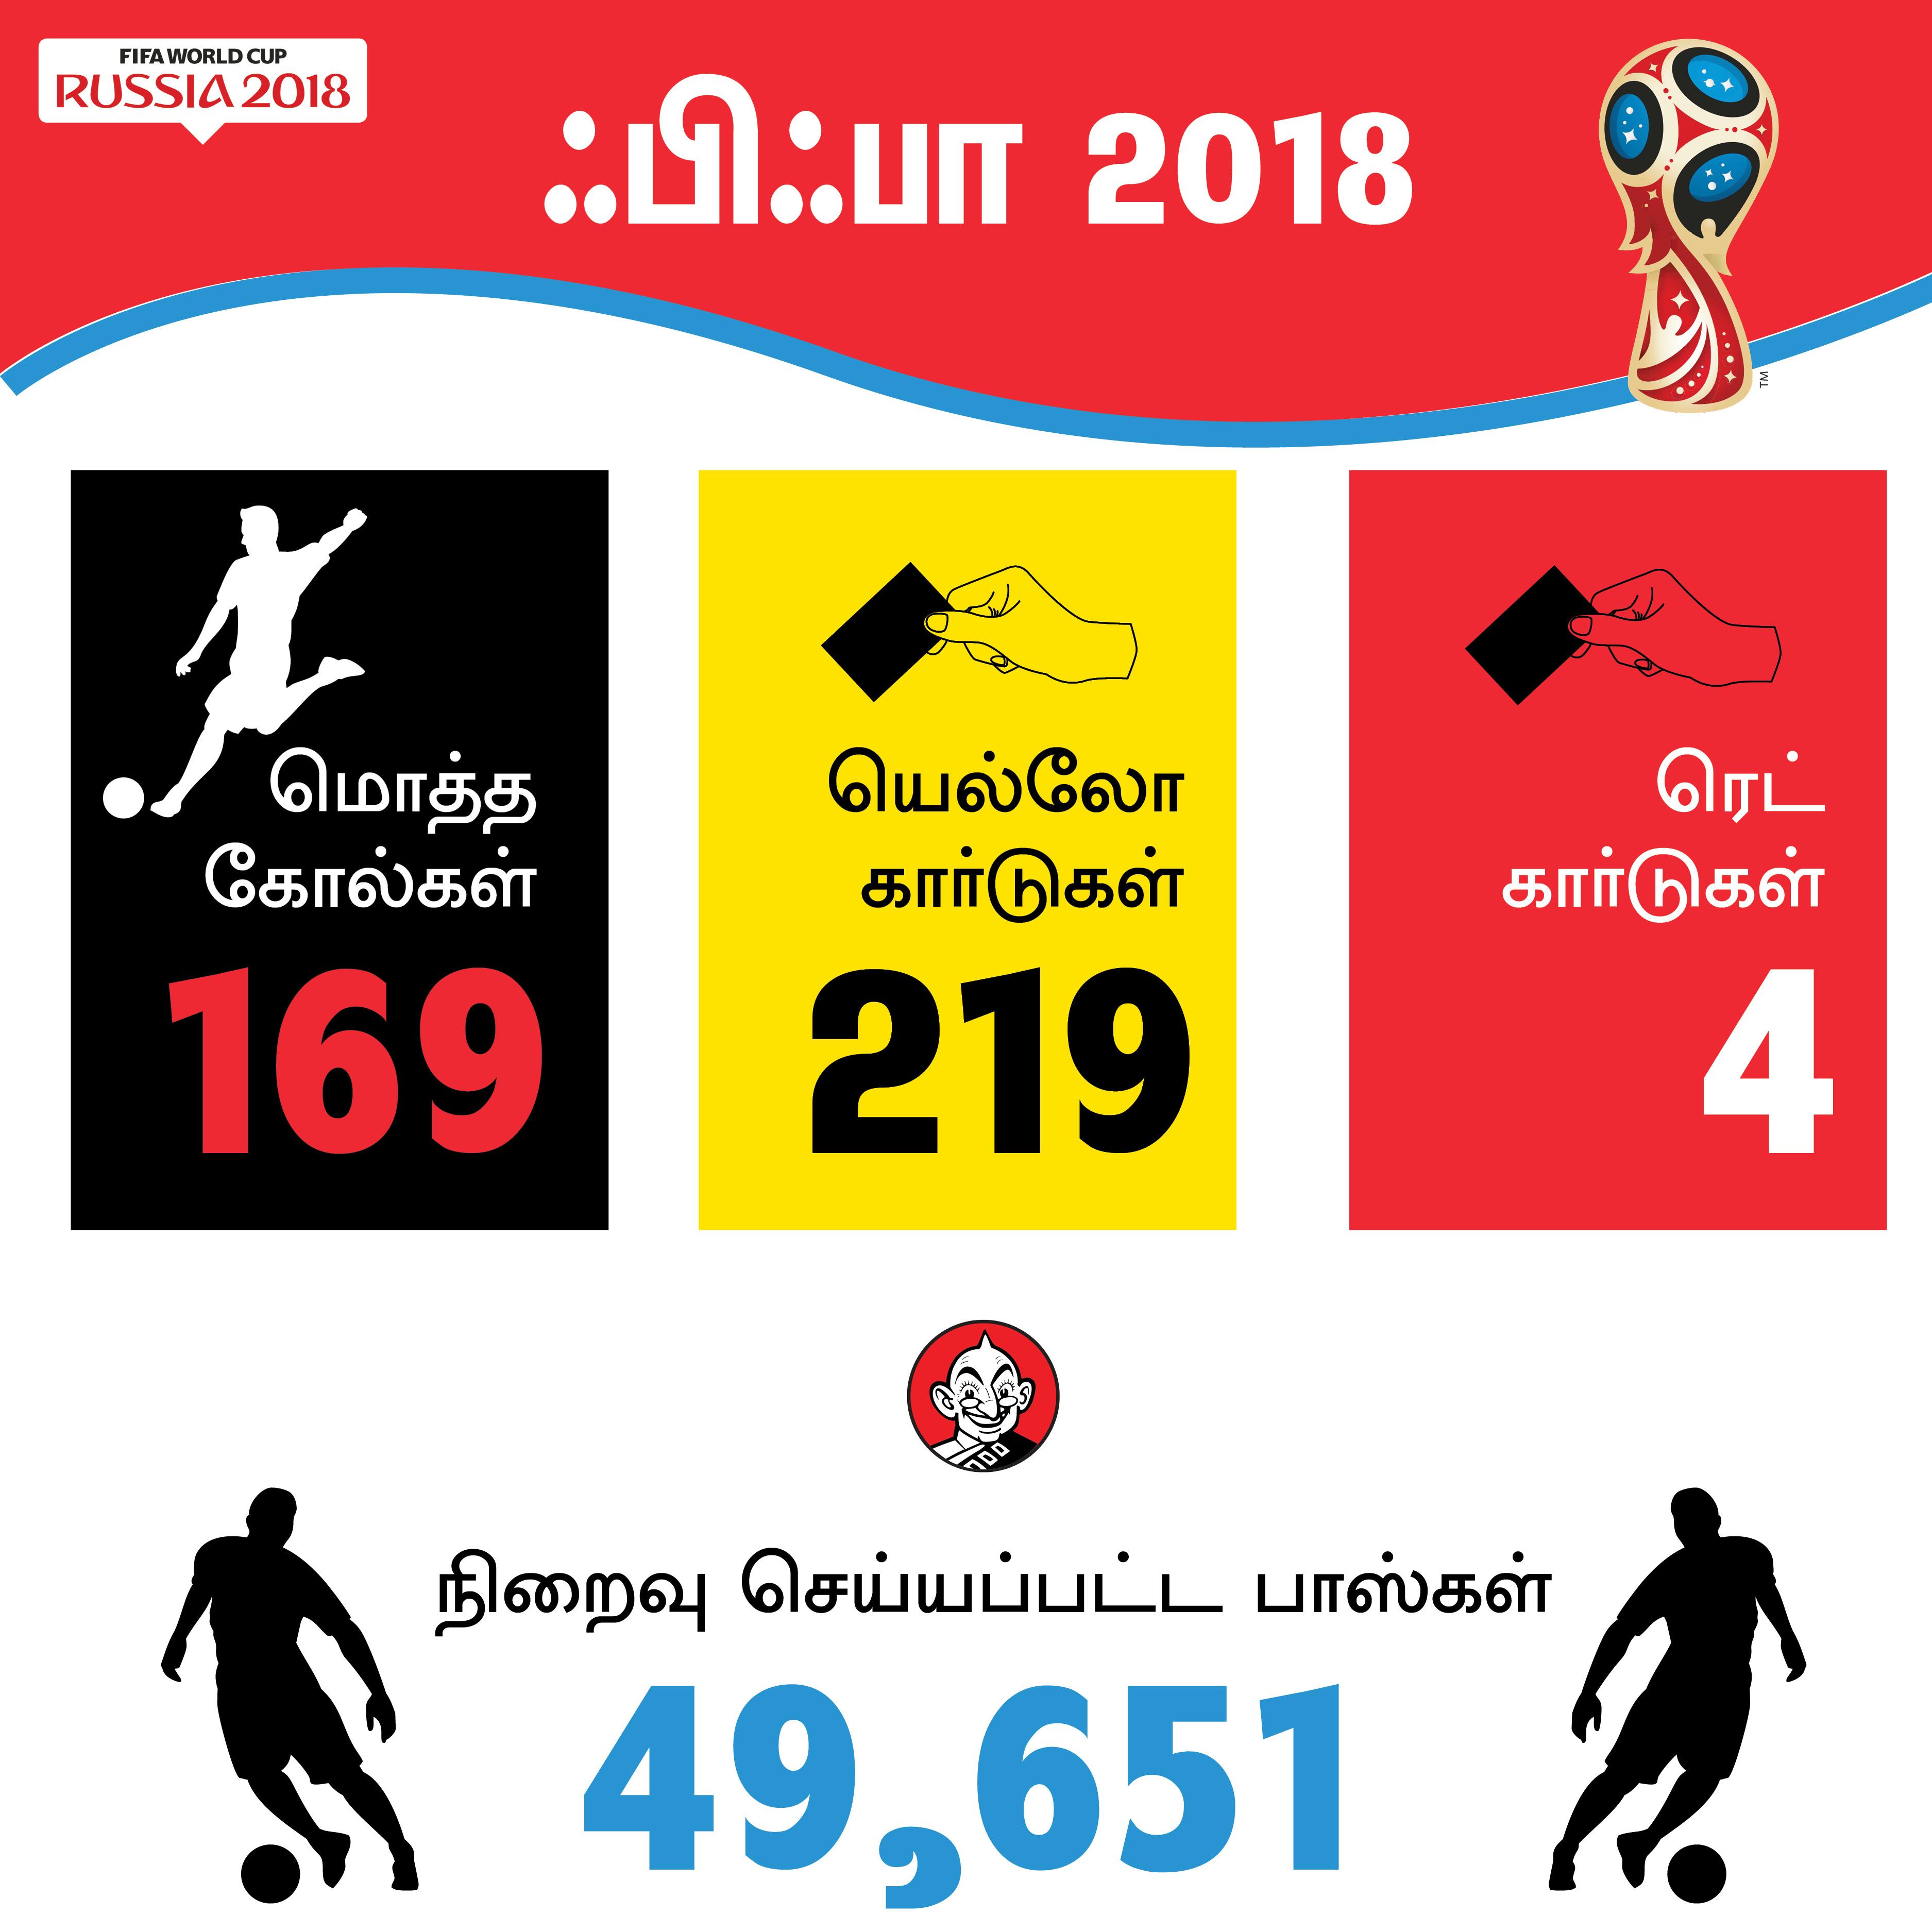 169 கோல்கள், மோட்ரிச்சுக்கு கோல்டன் பால், கோல்டன் ஷூ  ஹேரி கேன்... உலகக் கோப்பை சுவாரஸ்யம்!  #VikatanPhotoCards